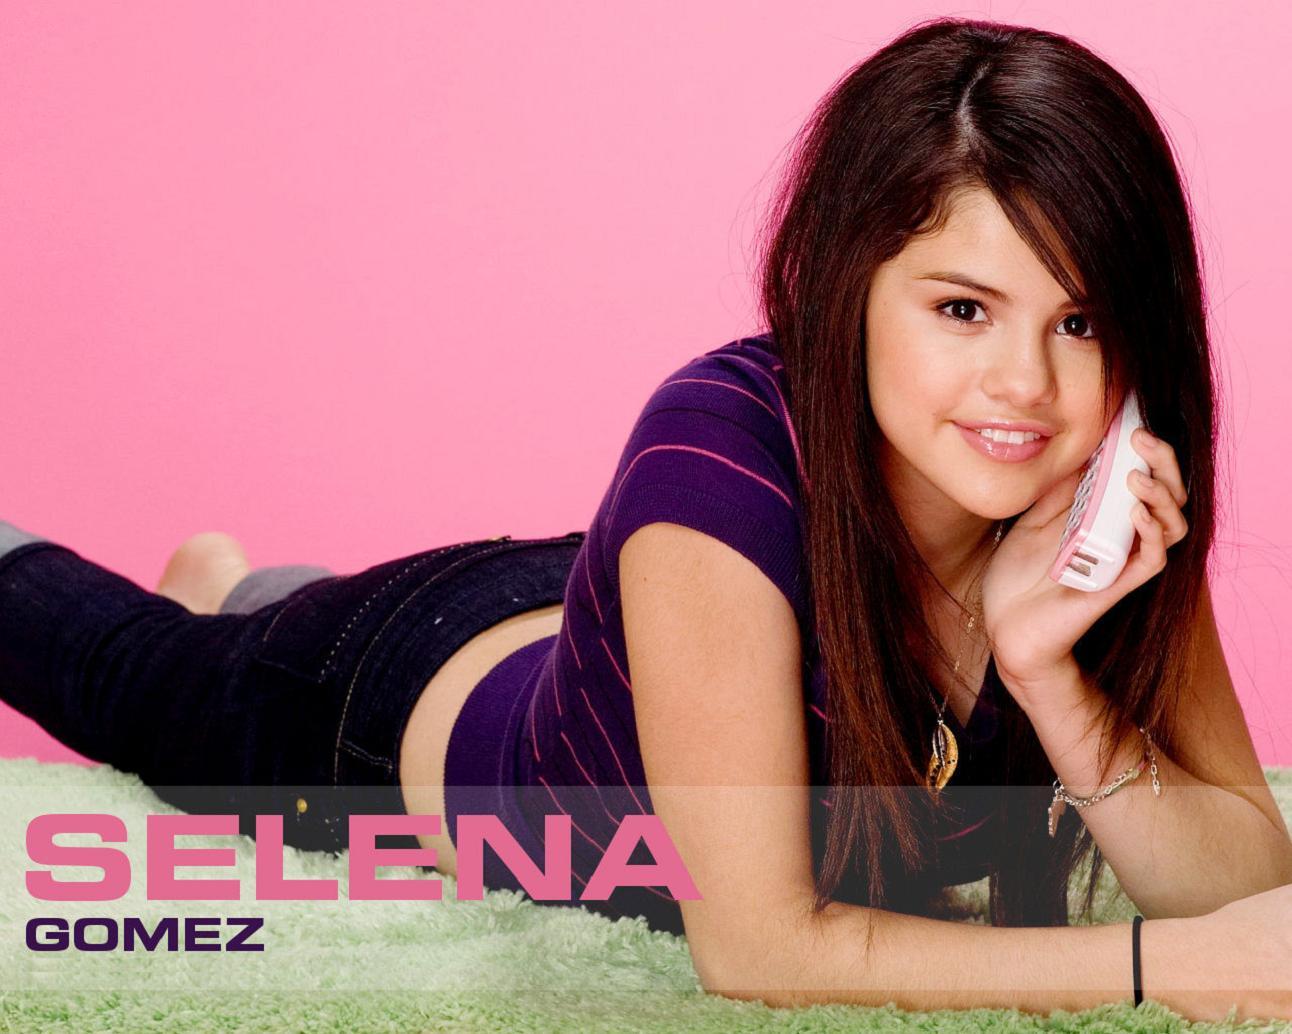 http://4.bp.blogspot.com/-WBfTQgJZPkA/T-VeSs36z3I/AAAAAAAAABc/z7iDB0vTM0E/s1600/Selena-Gomez-Background-2.jpg